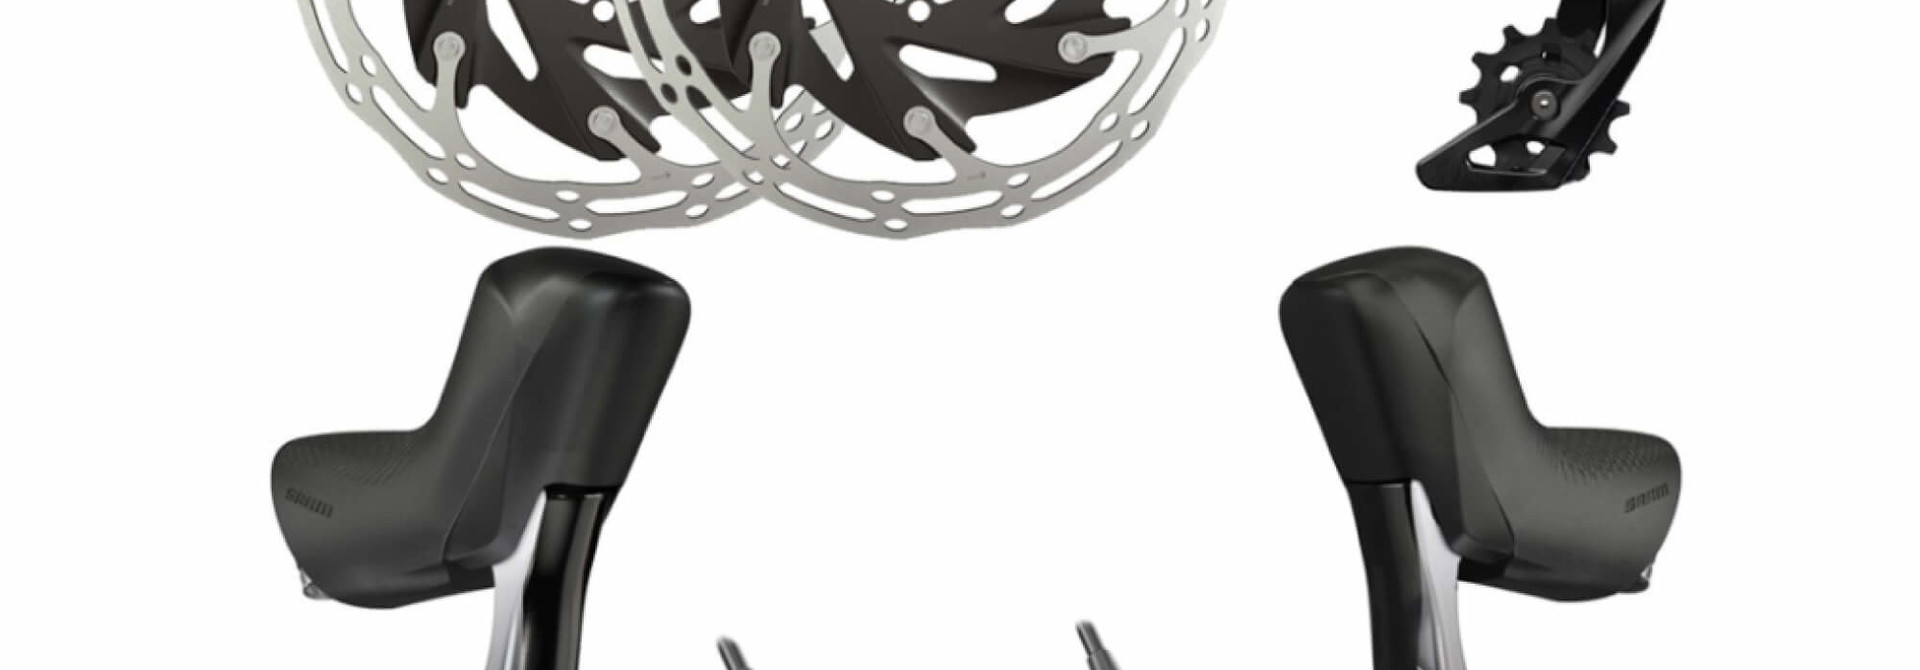 Force eTap AXS Upgrade Kit 1x Hydraulic 6 Bolt Disc Brake Flat Mount